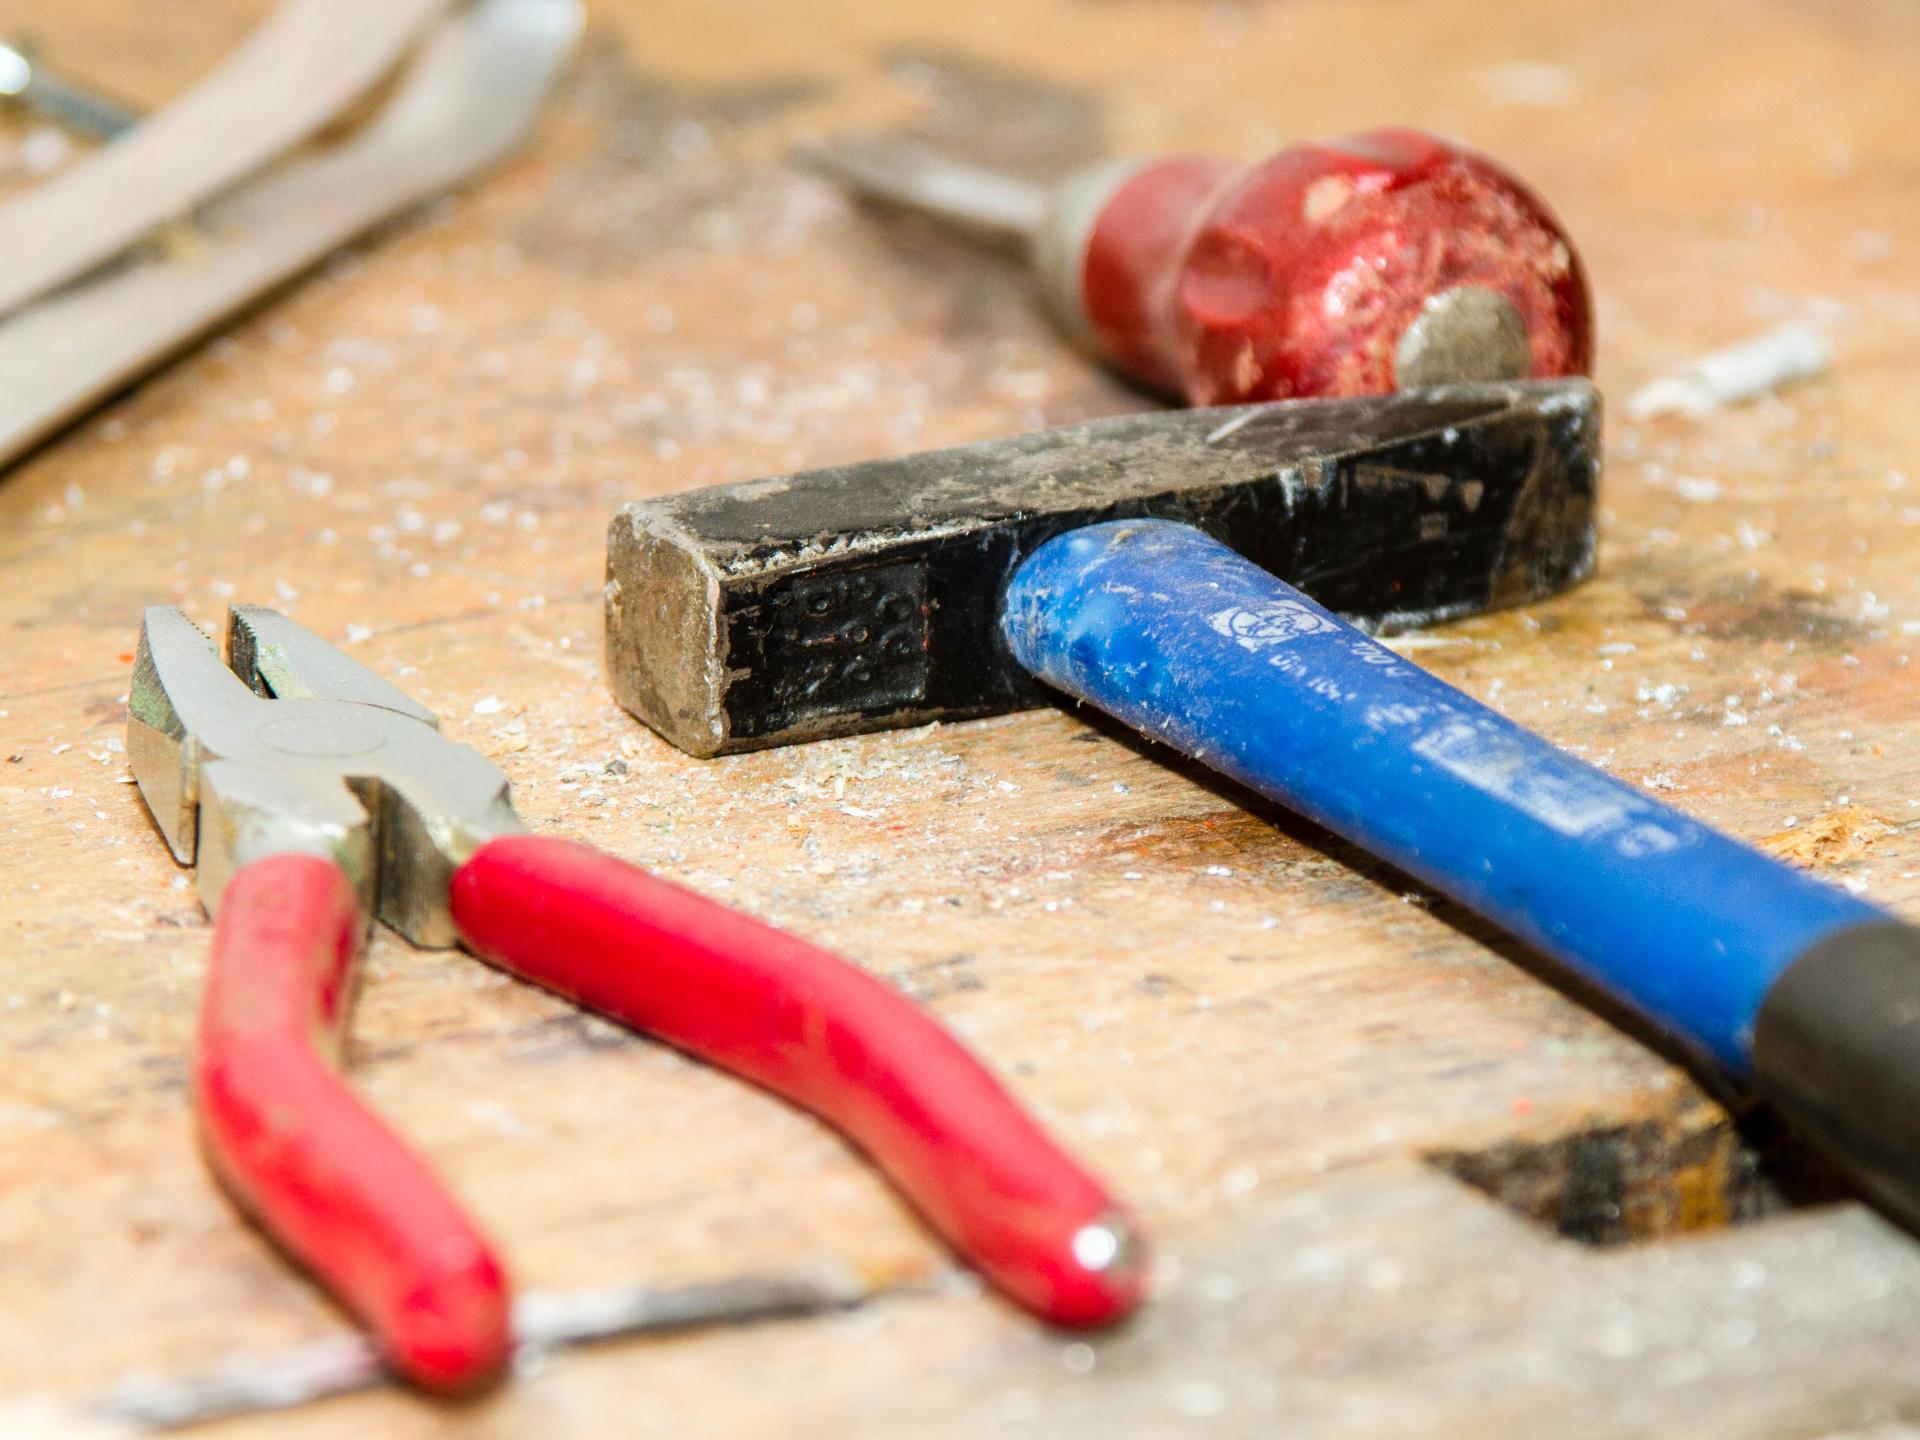 Je einfacher ein Haus gebaut ist, umso leichter ist es auch für Laien, diverse Dinge selbst zu reparieren, und einfache Lösungen für Probleme zu finden. - Photocredit: pixabay.com/TiBine